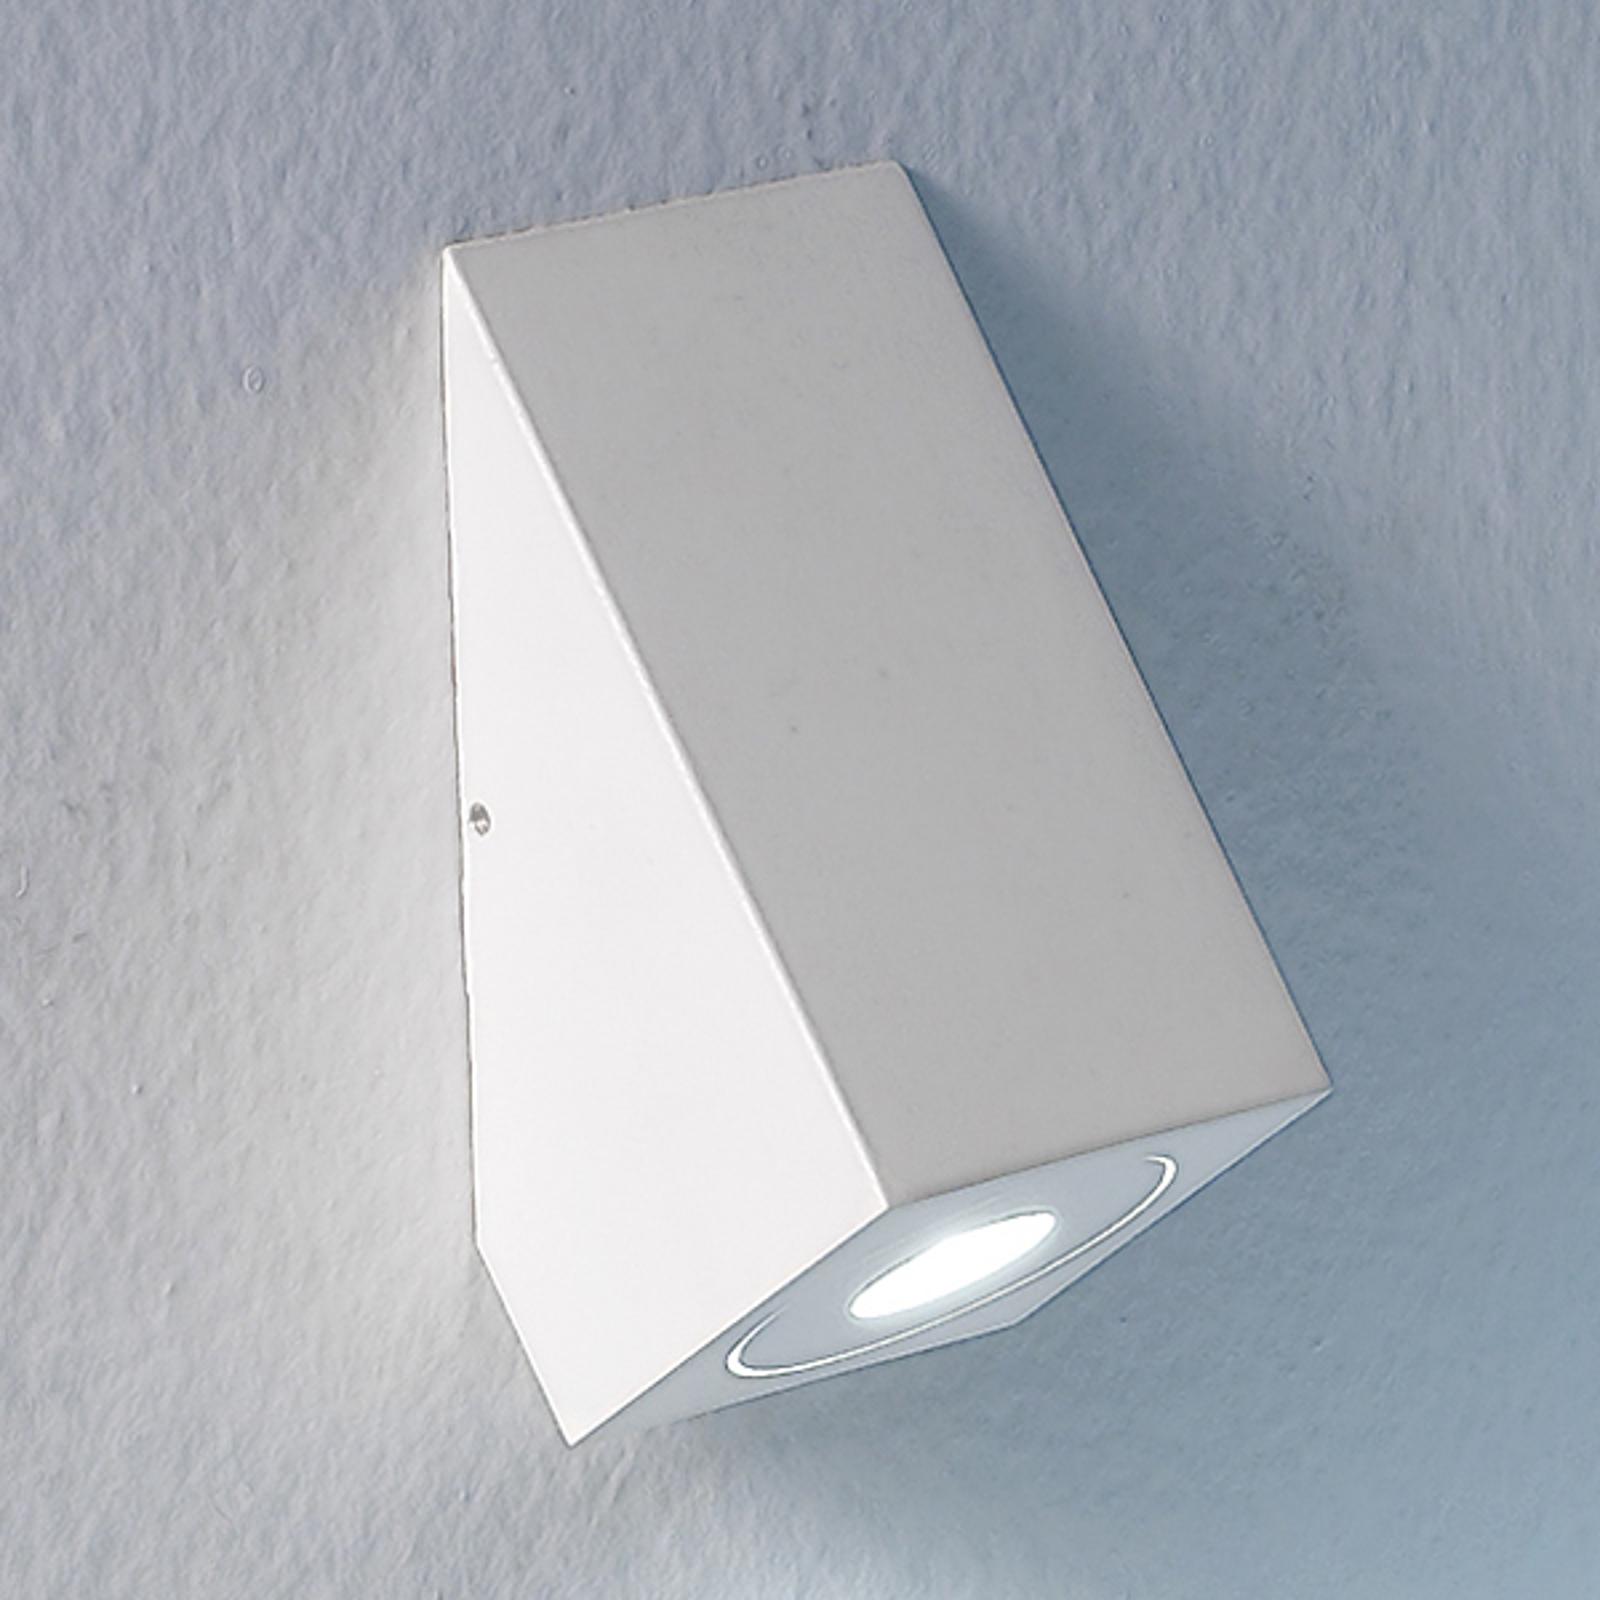 Veelzijdige LED-wandlamp Da Do,wit